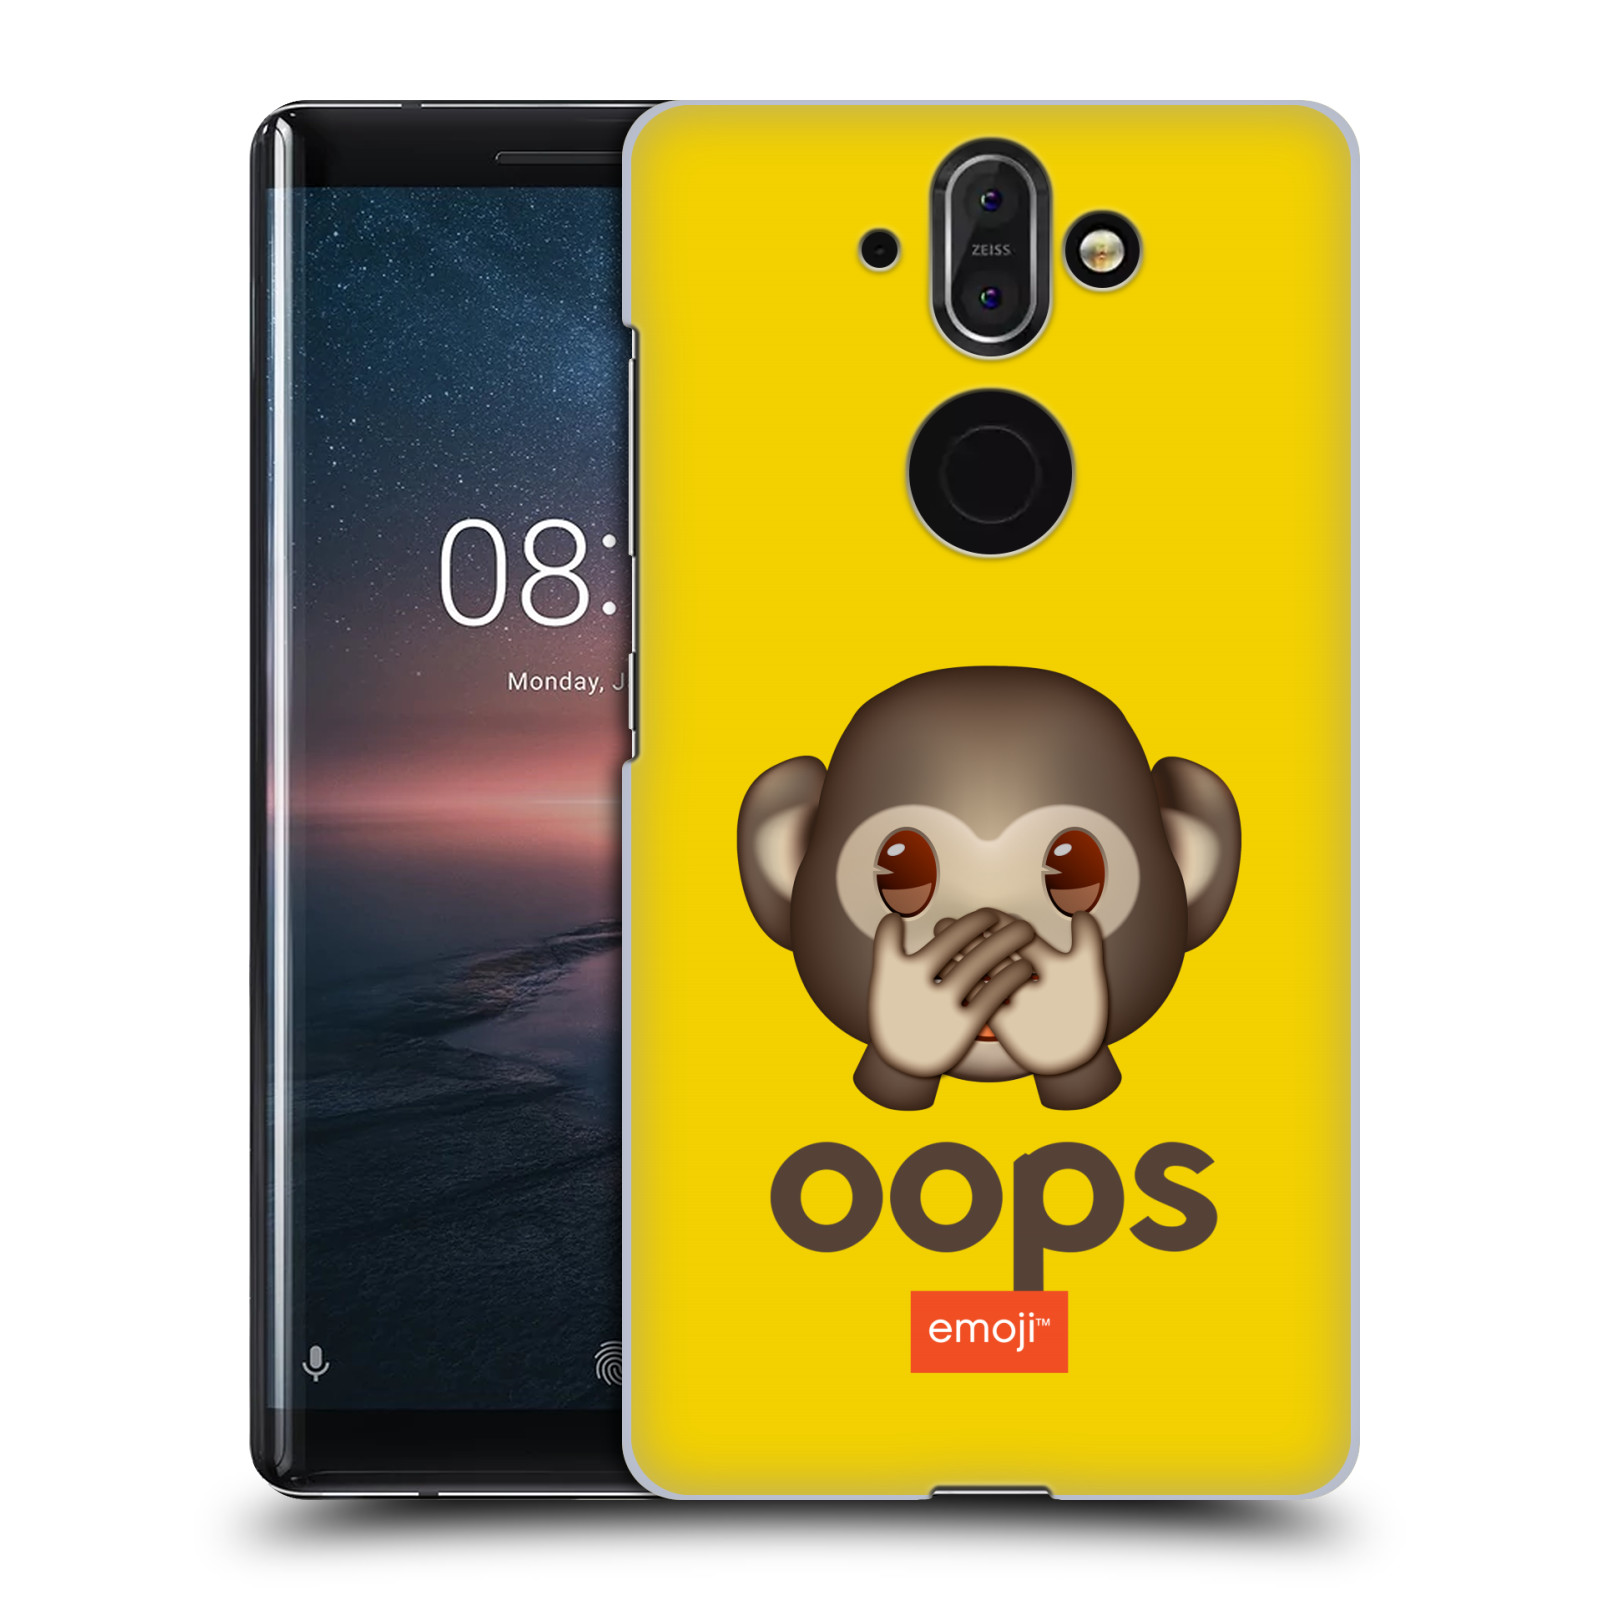 Plastové pouzdro na mobil Nokia 8 Sirocco - Head Case - EMOJI - Opička OOPS